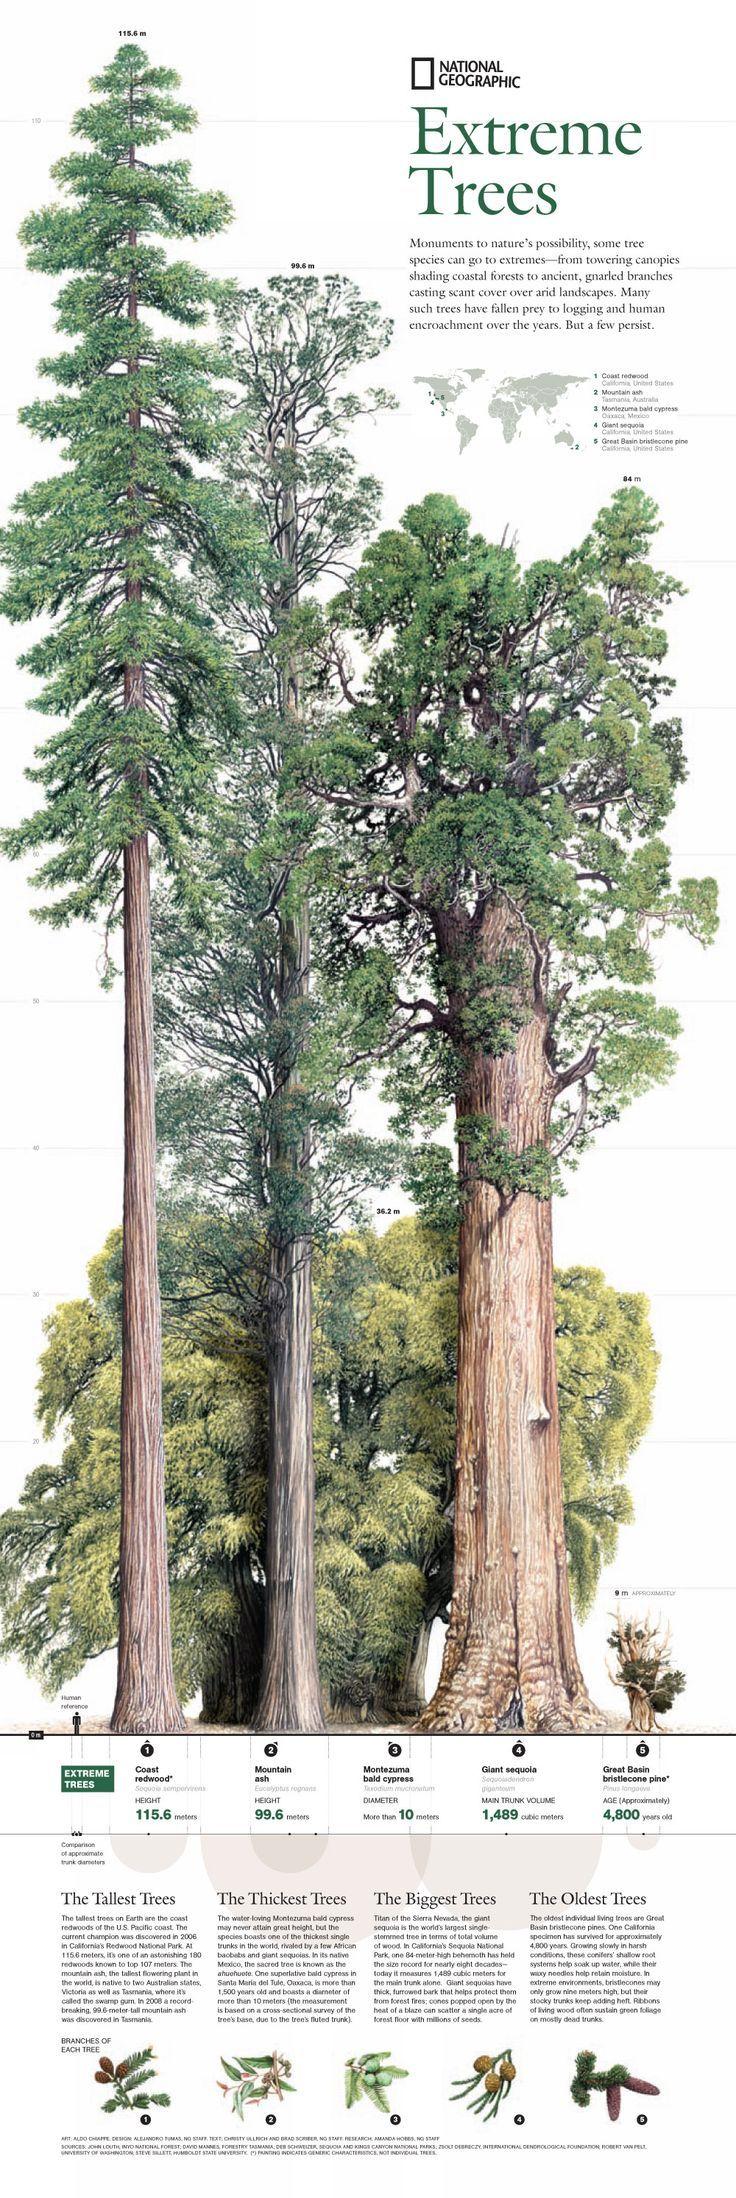 d2241b9e21dce075f0370109e2b65cc3--redwood-tattoo-sequoia-tattoo.jpg (736×2198)